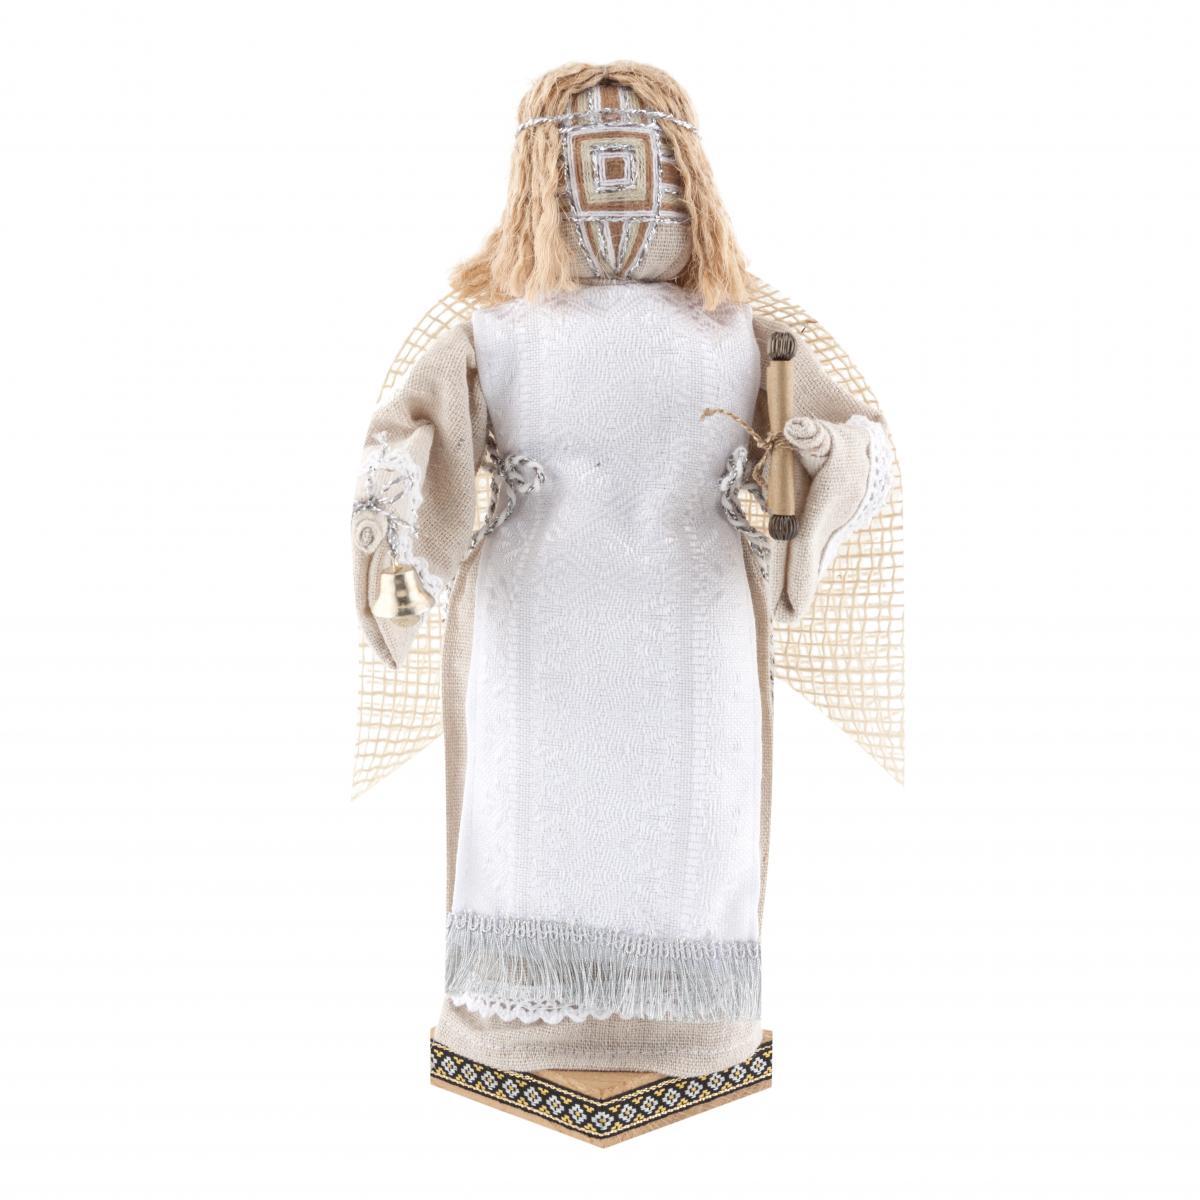 Мотанка Ангел белый